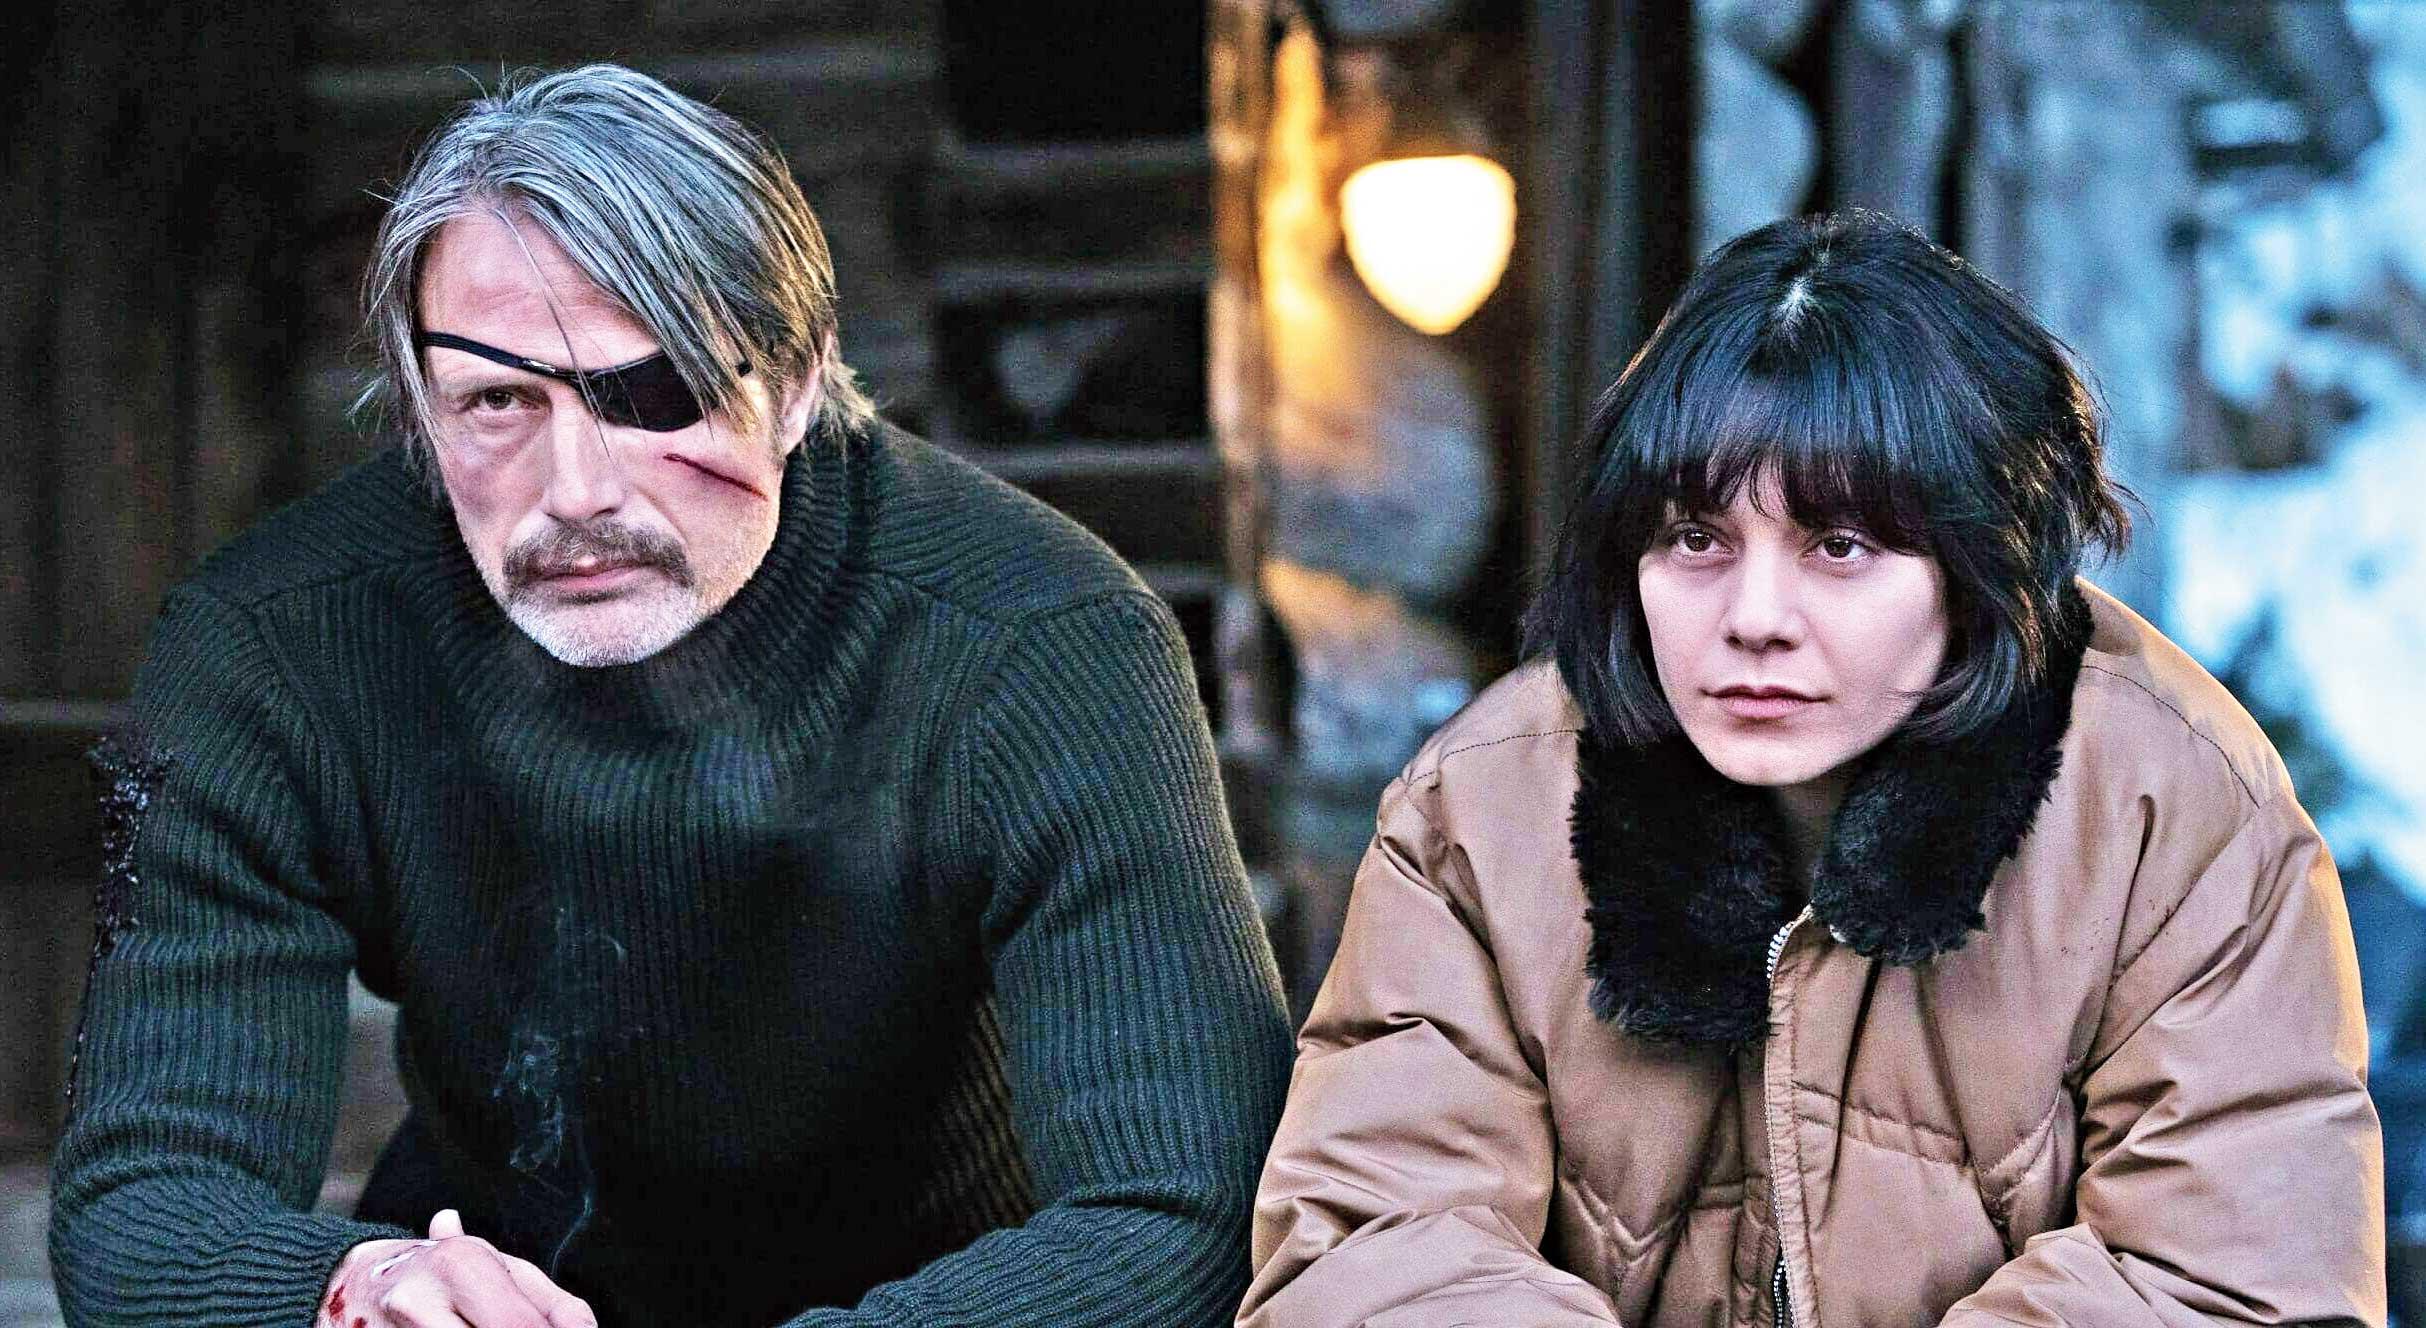 Mads Mikkelsen (left) and co-star Vanessa Hudgens in a scene from Polar